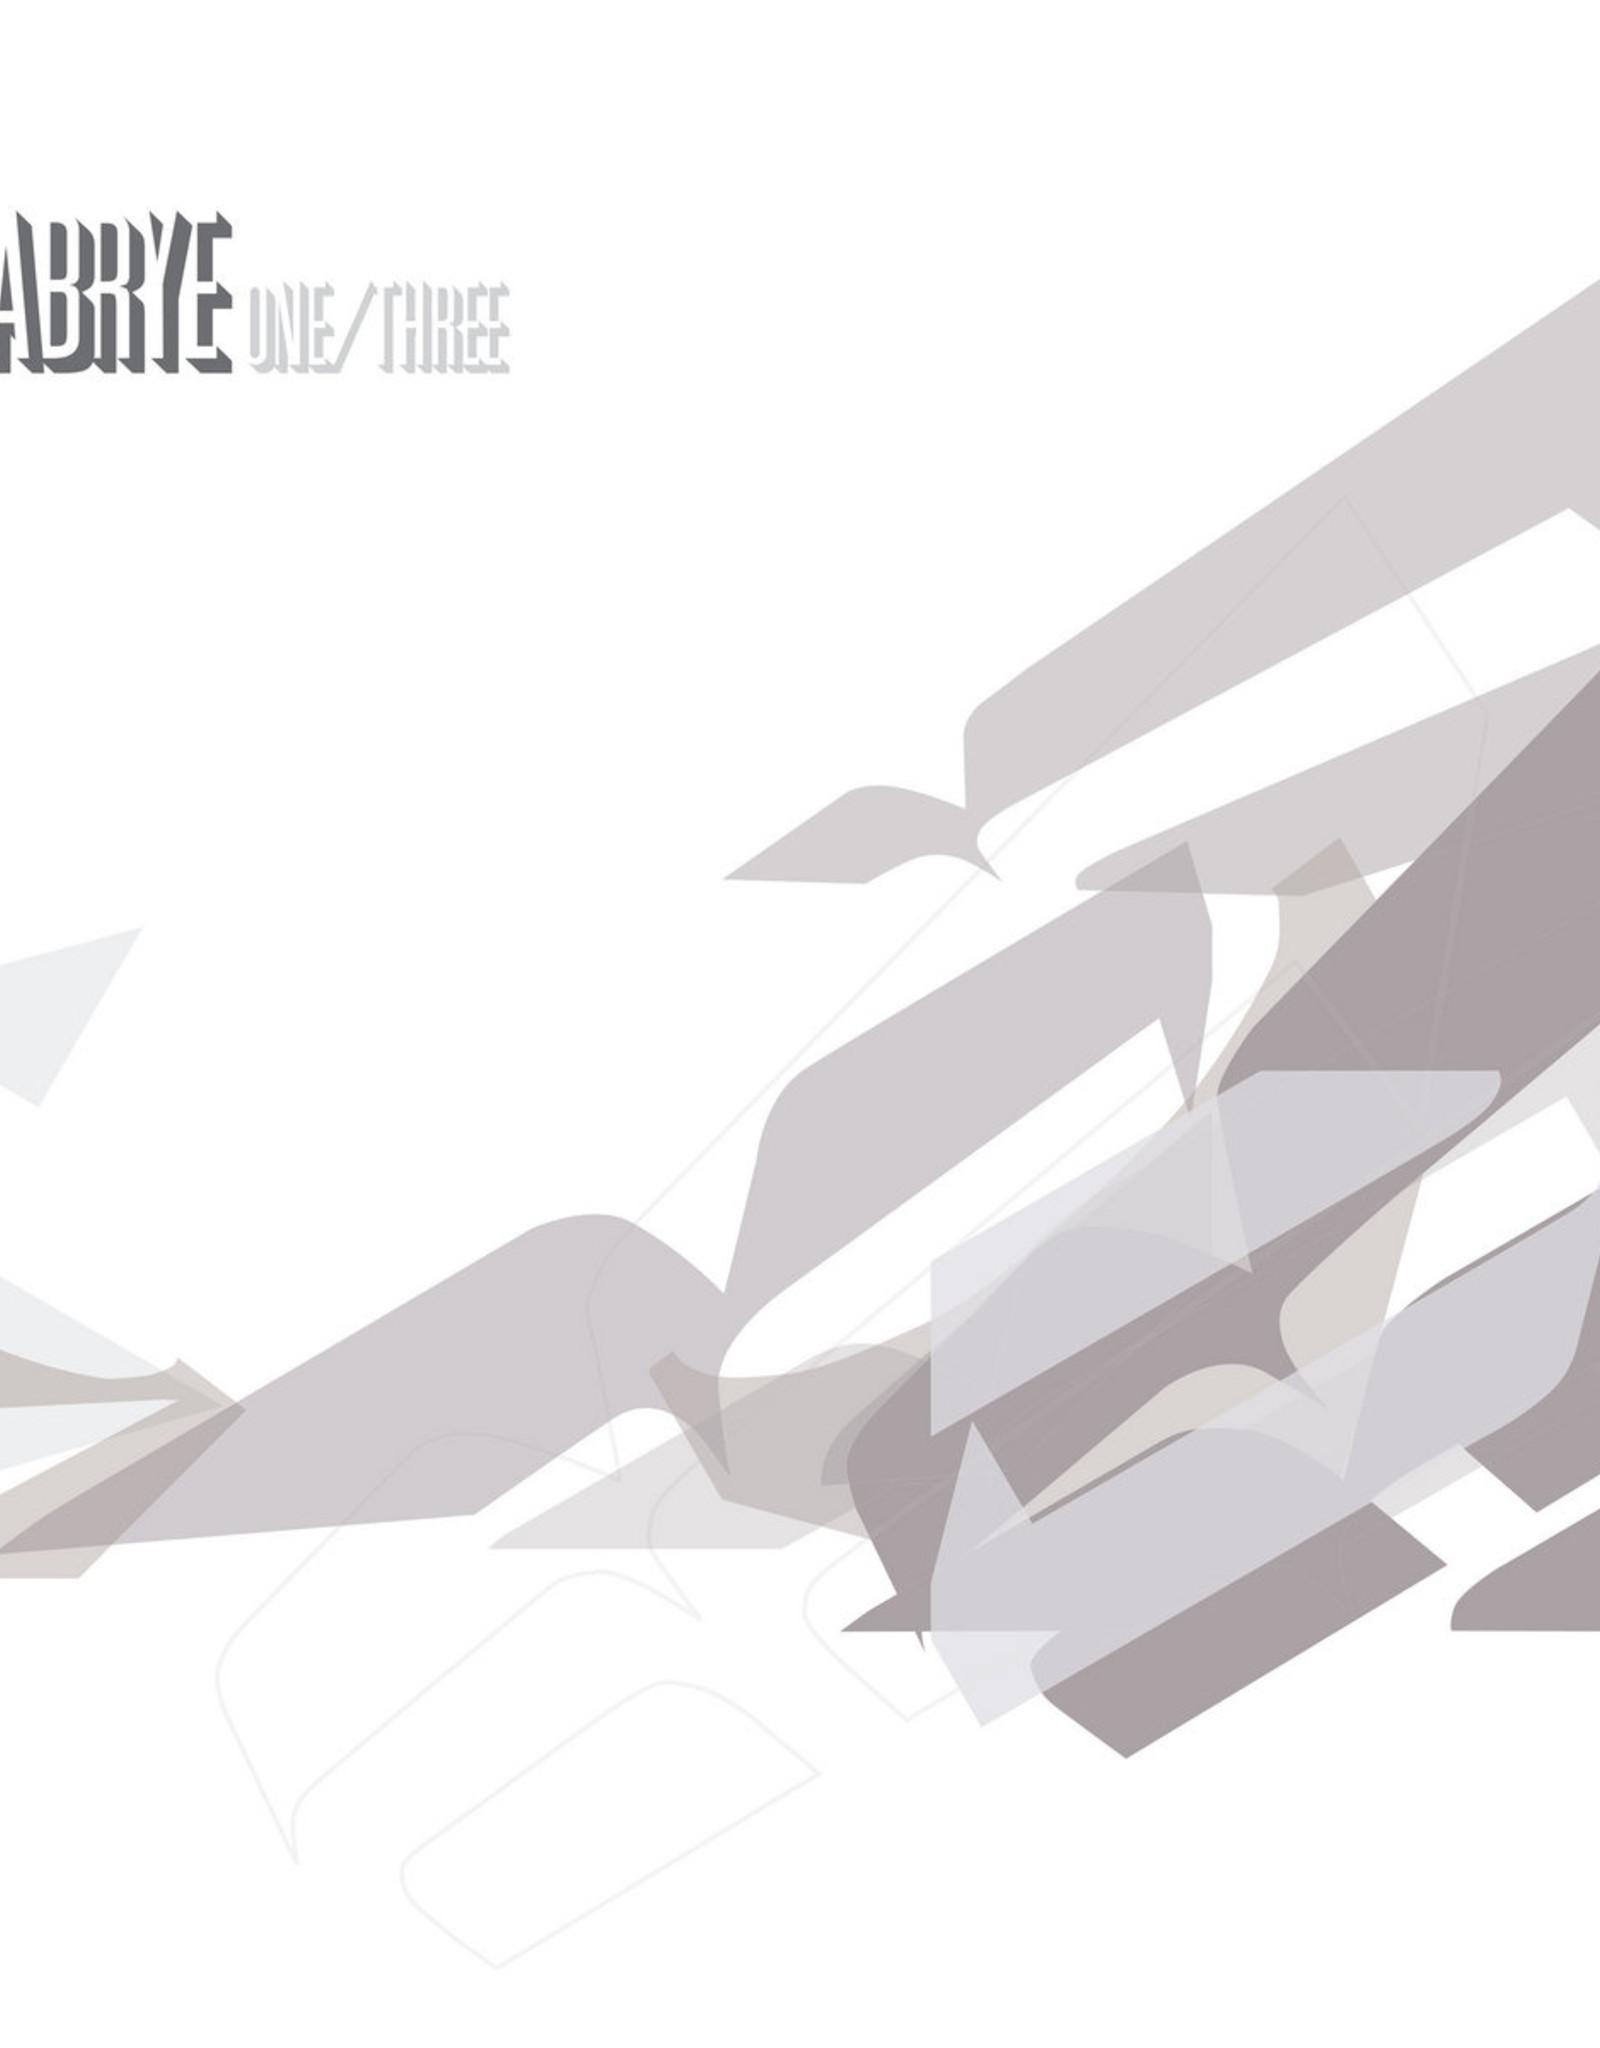 Dabrye - One/Three